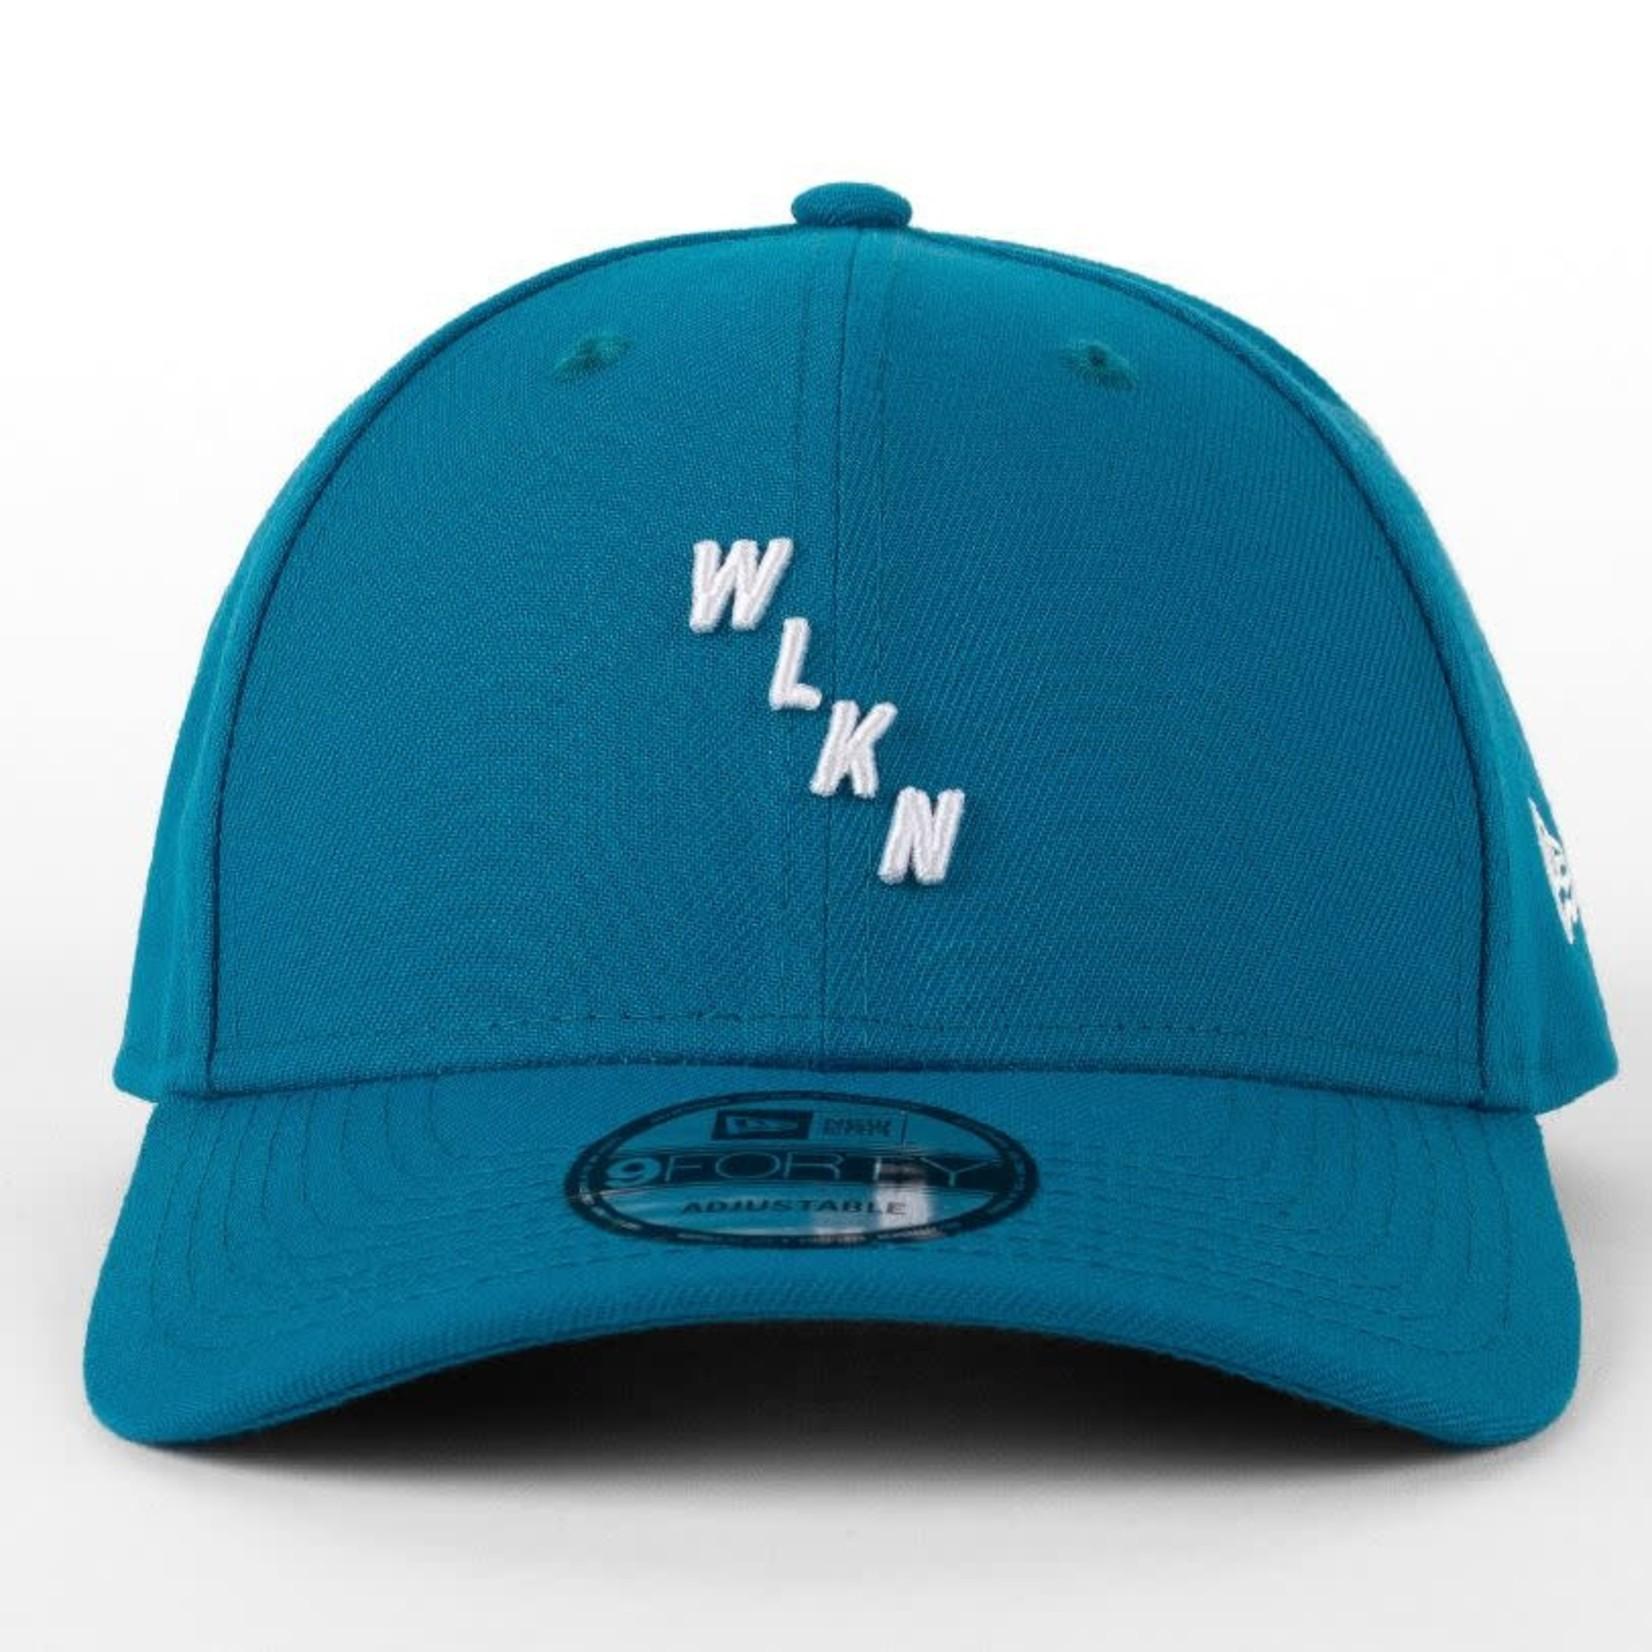 New Era New Era : 940 WLKN  Oblique Logo Snap Cap